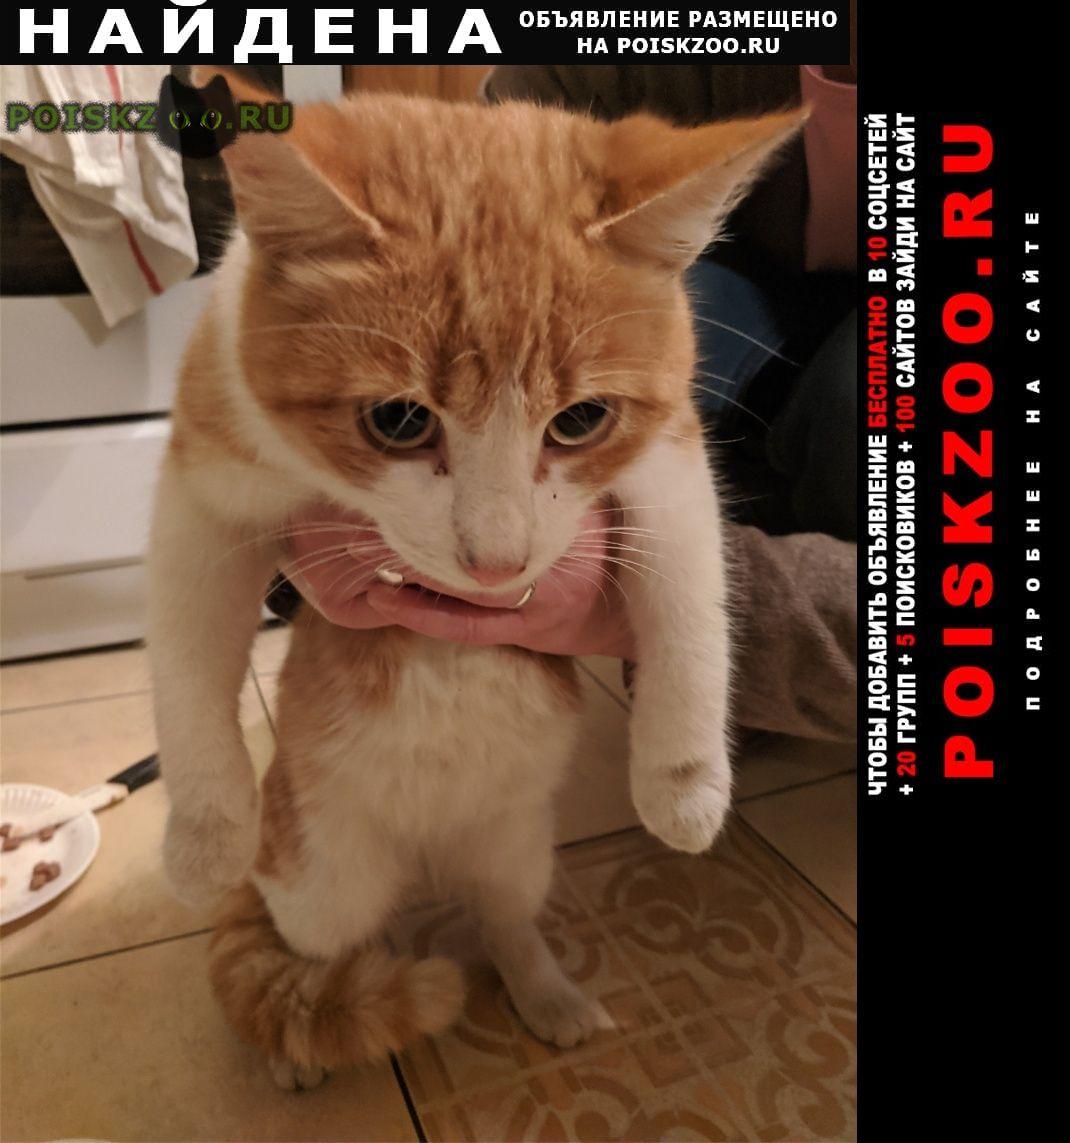 Найдена кошка домашняя г.Санкт-Петербург